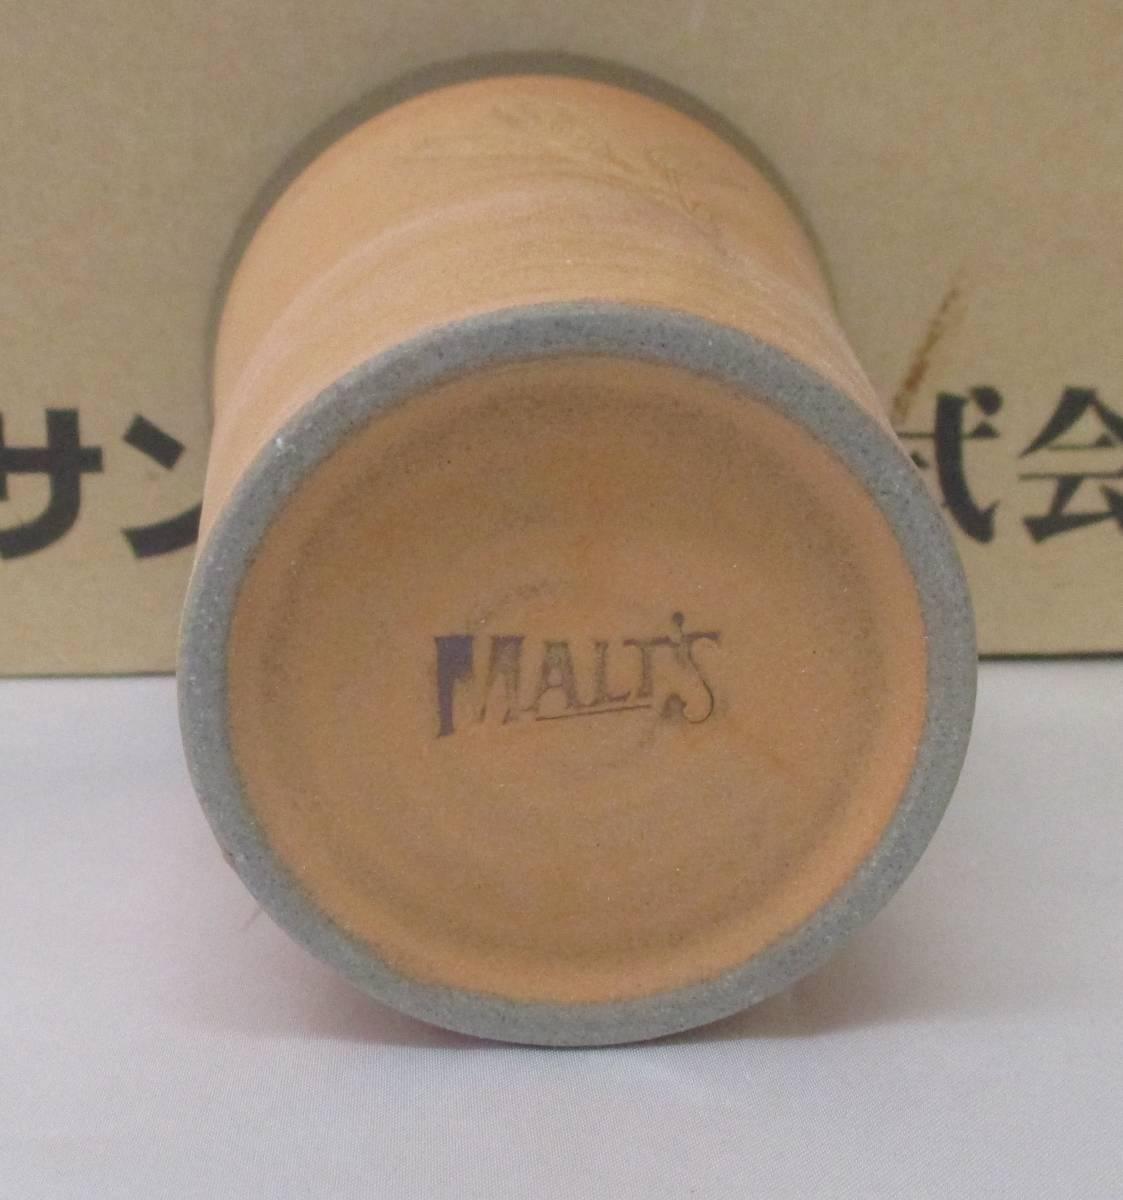 【未使用。保管品】 サントリー モルツ ジョッキ グラス 5種類 セット ノベルティ グッズ_画像8